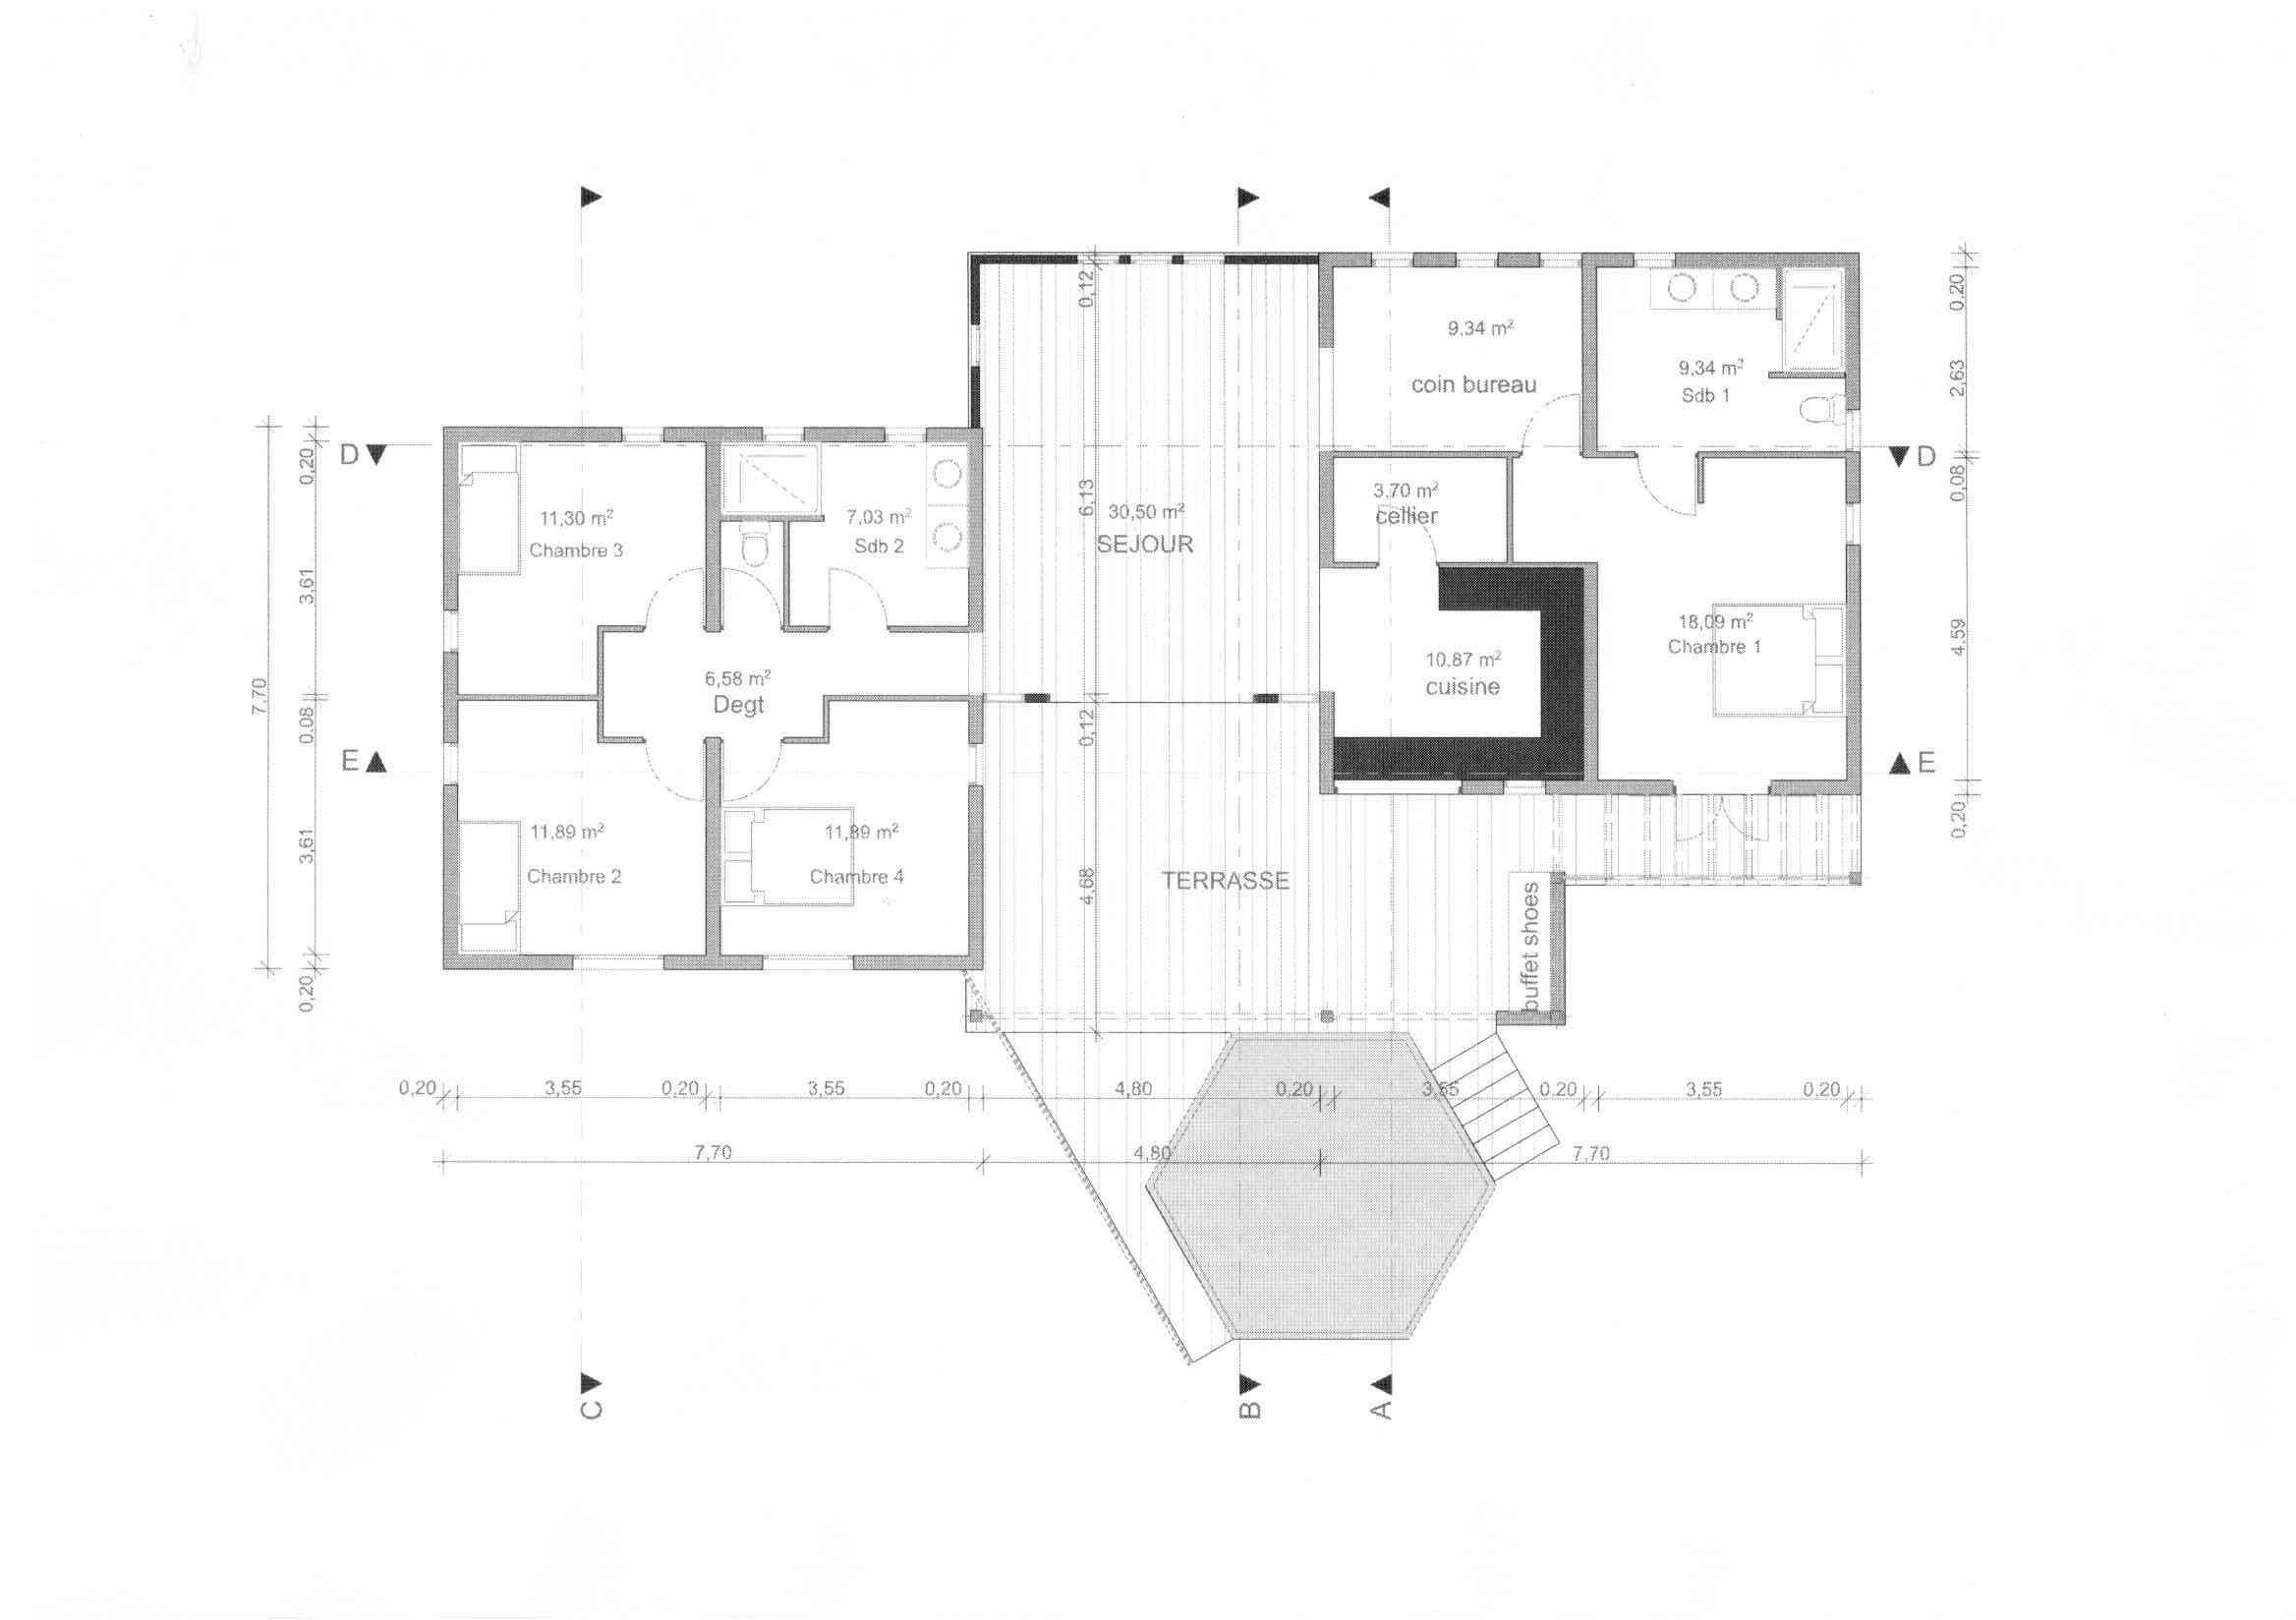 Plan De Maison 4 Chambres Salon + Cuisine Pdf - Maison Plan